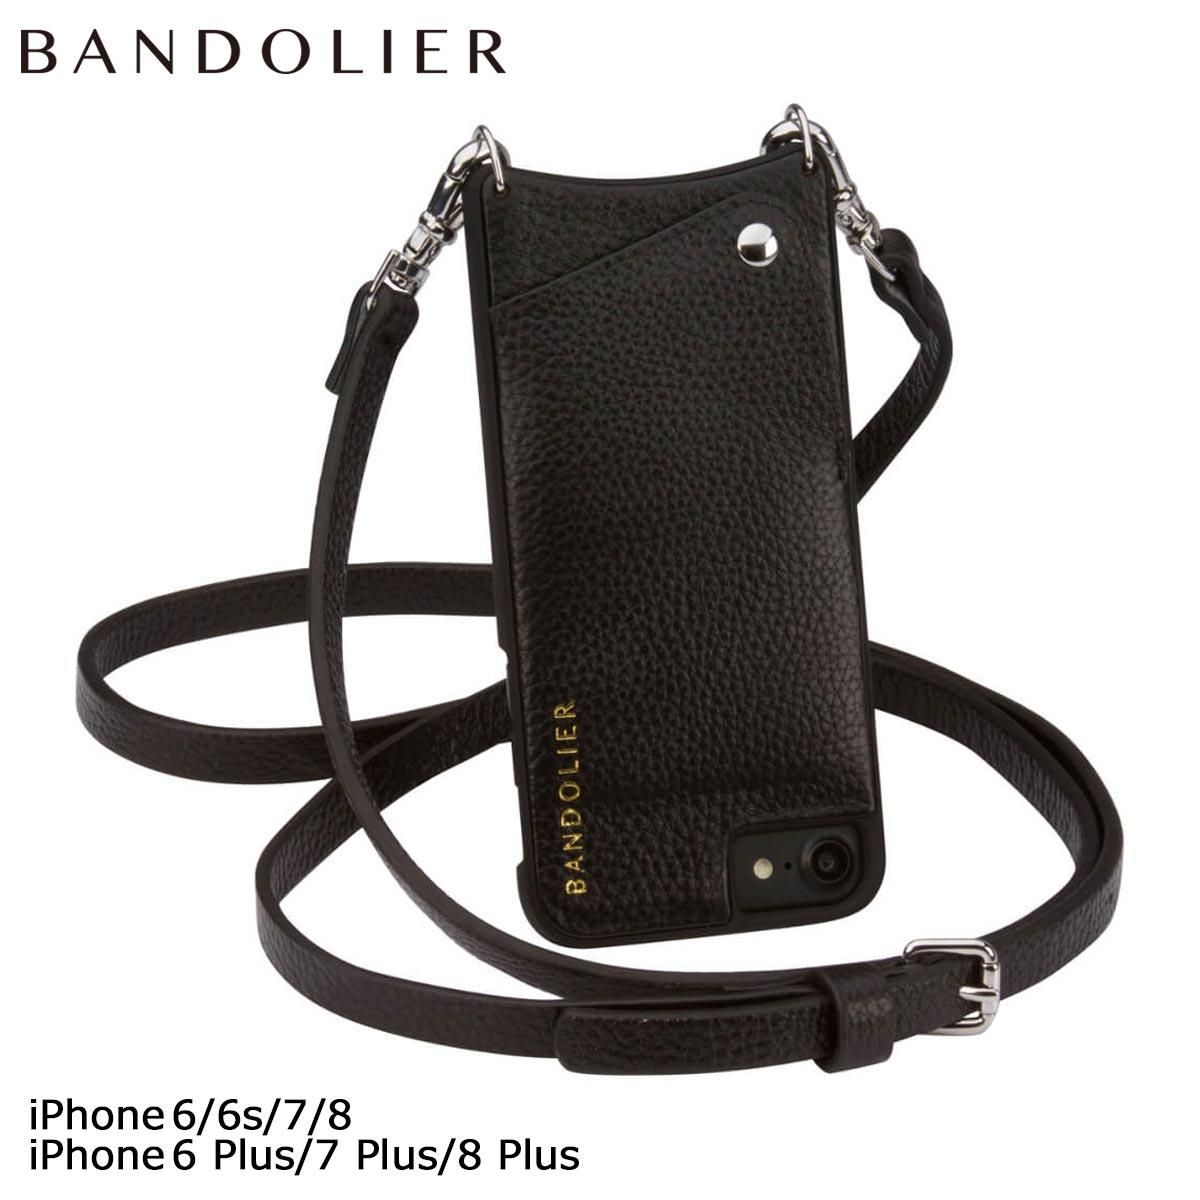 バンドリヤー BANDOLIER iPhone SE 8 7 6 6s/Plus ケース スマホ 携帯 アイフォン プラス EMMA レザー メンズ レディース